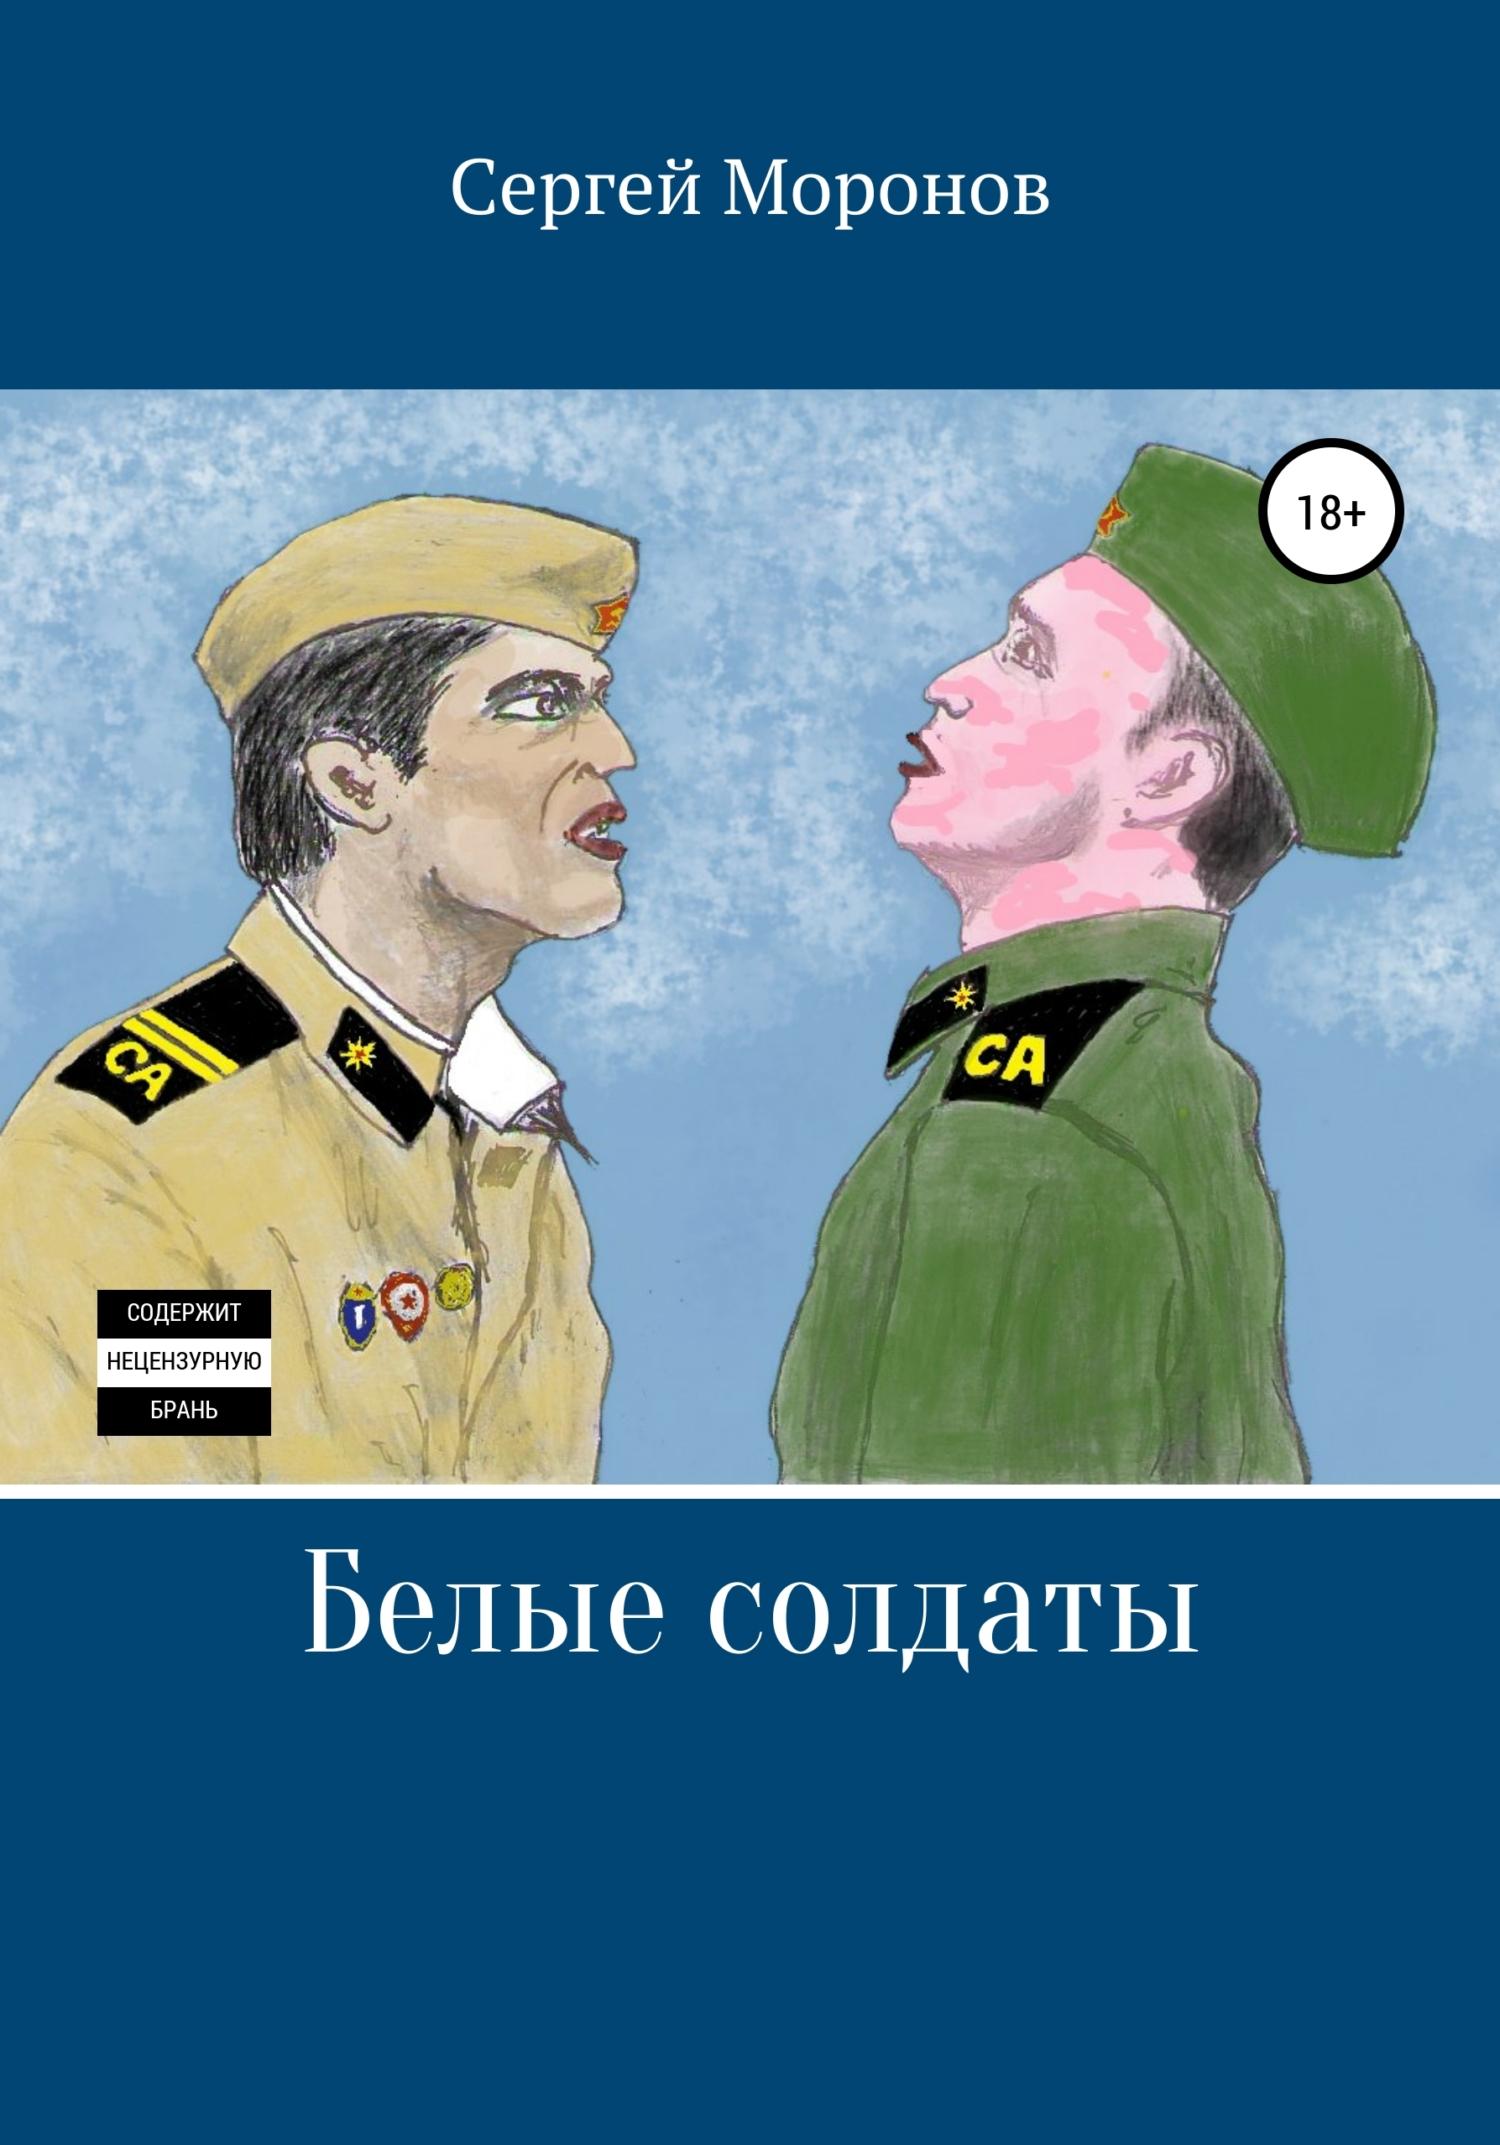 Купить книгу Белые солдаты, автора Сергея Моронова